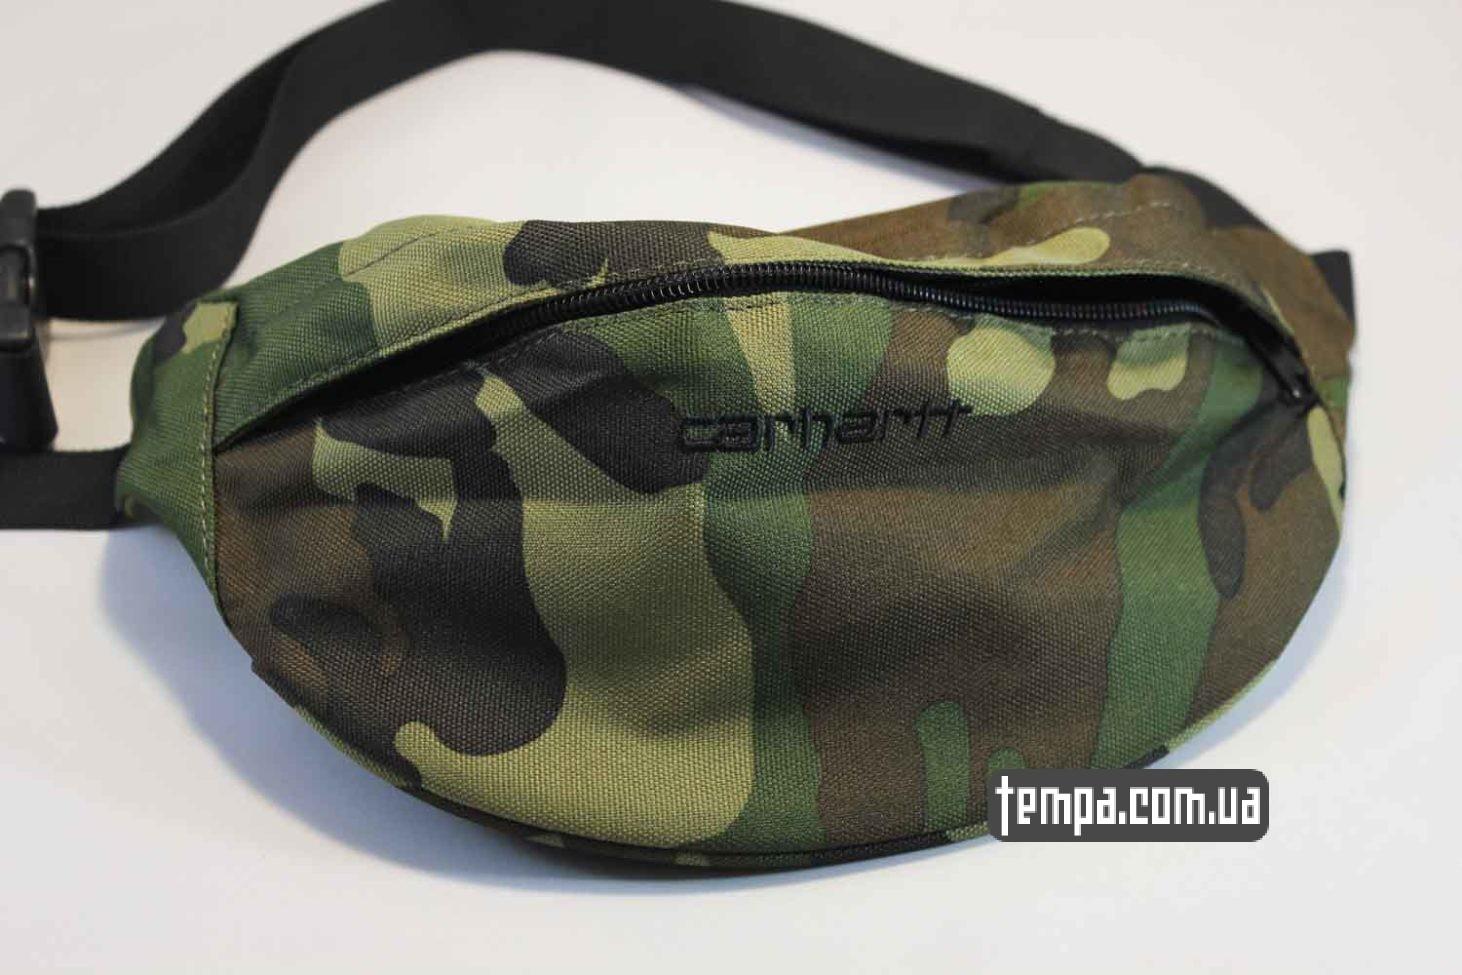 Carhartt магазин поясная сумка бананка Carhartt Fanny Pack военного цвета